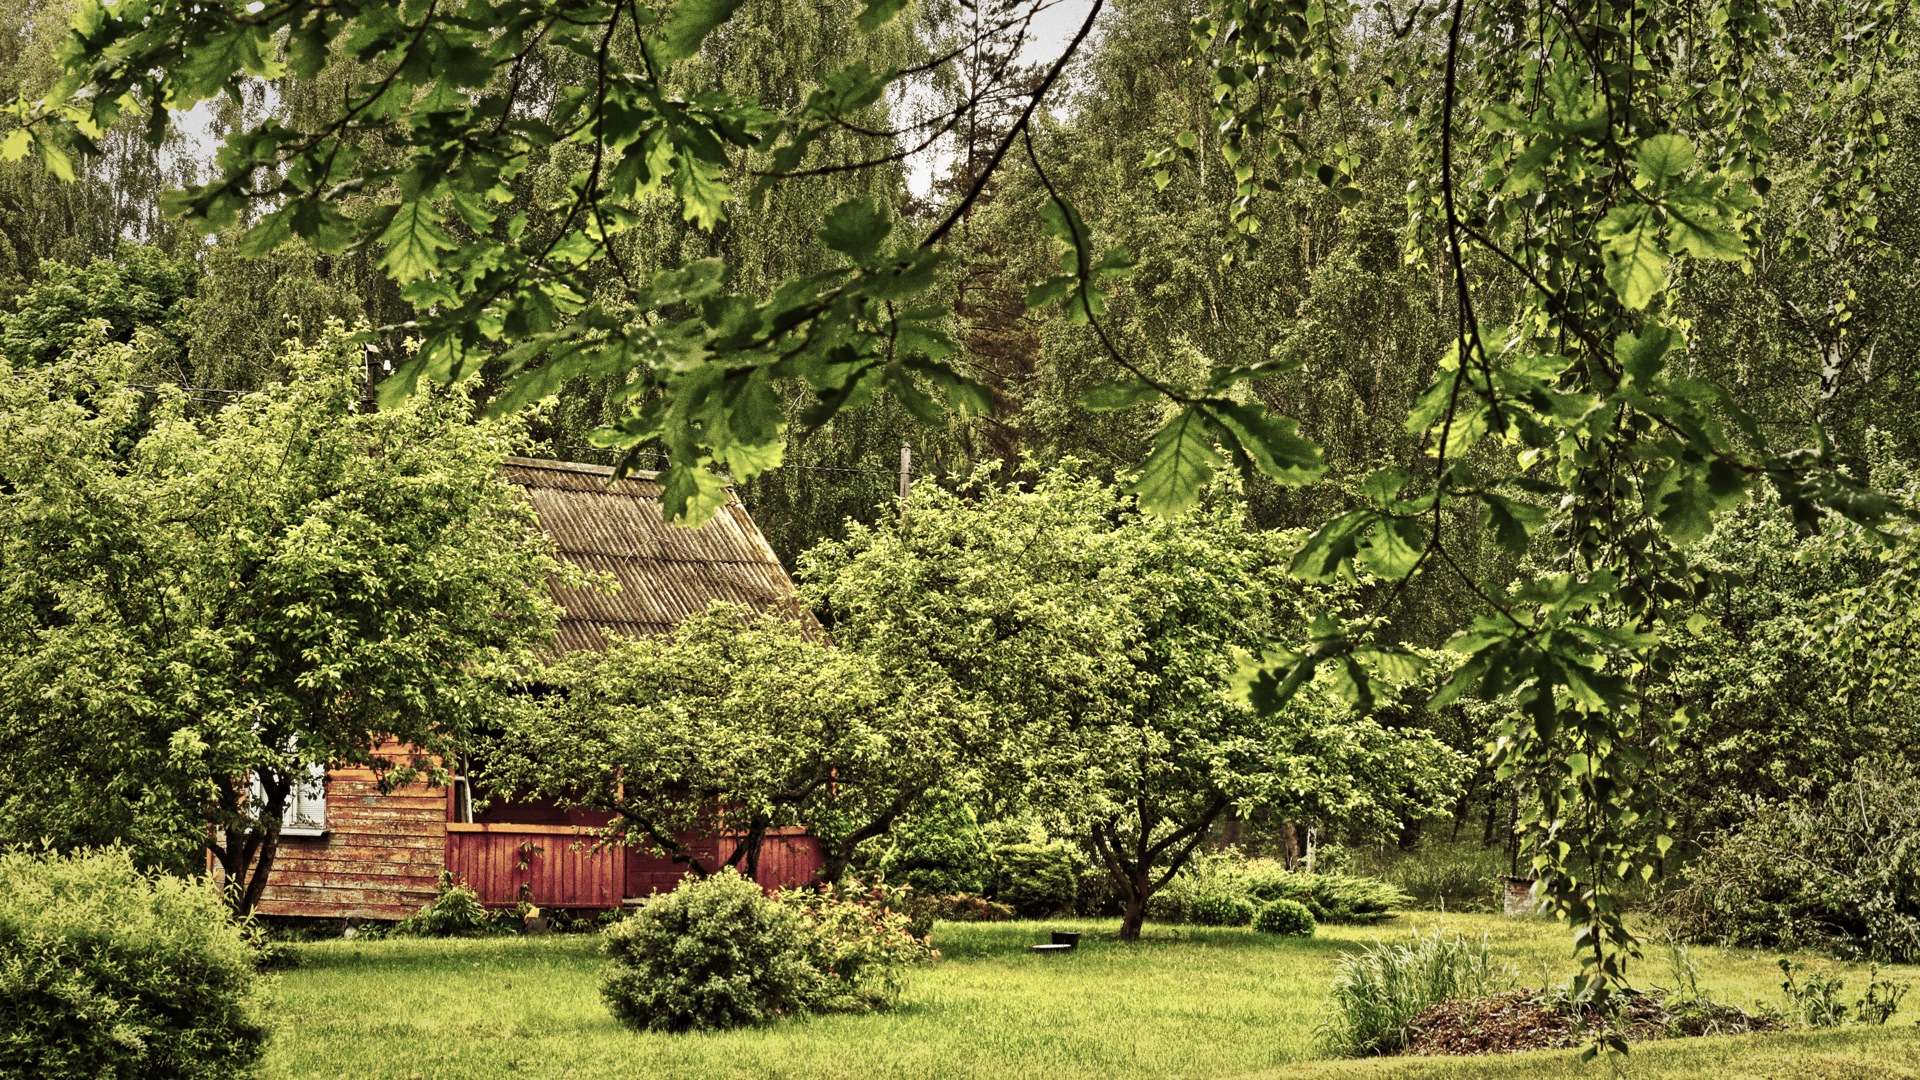 Bild: Vakarbuļļi ist ein Dorf im äußersten Nordwesten der lettischen Metropole Rīga. Obwohl das Zentrum der Großstadt nur wenige Kilometer Luftlinie entfernt ist, kann man hier die Ruhe und Einsamkeit lettischer Dörfer genießen. OLYMPUS OM-D E-M5 mit M.ZUIKO DIGITAL ED 12‑40mm 1:2.8. ISO 640 ¦ f/5,6 ¦ 25 mm ¦ 1/250 s ¦ kein Blitz. Klicken Sie auf das Bild um es zu vergrößern.